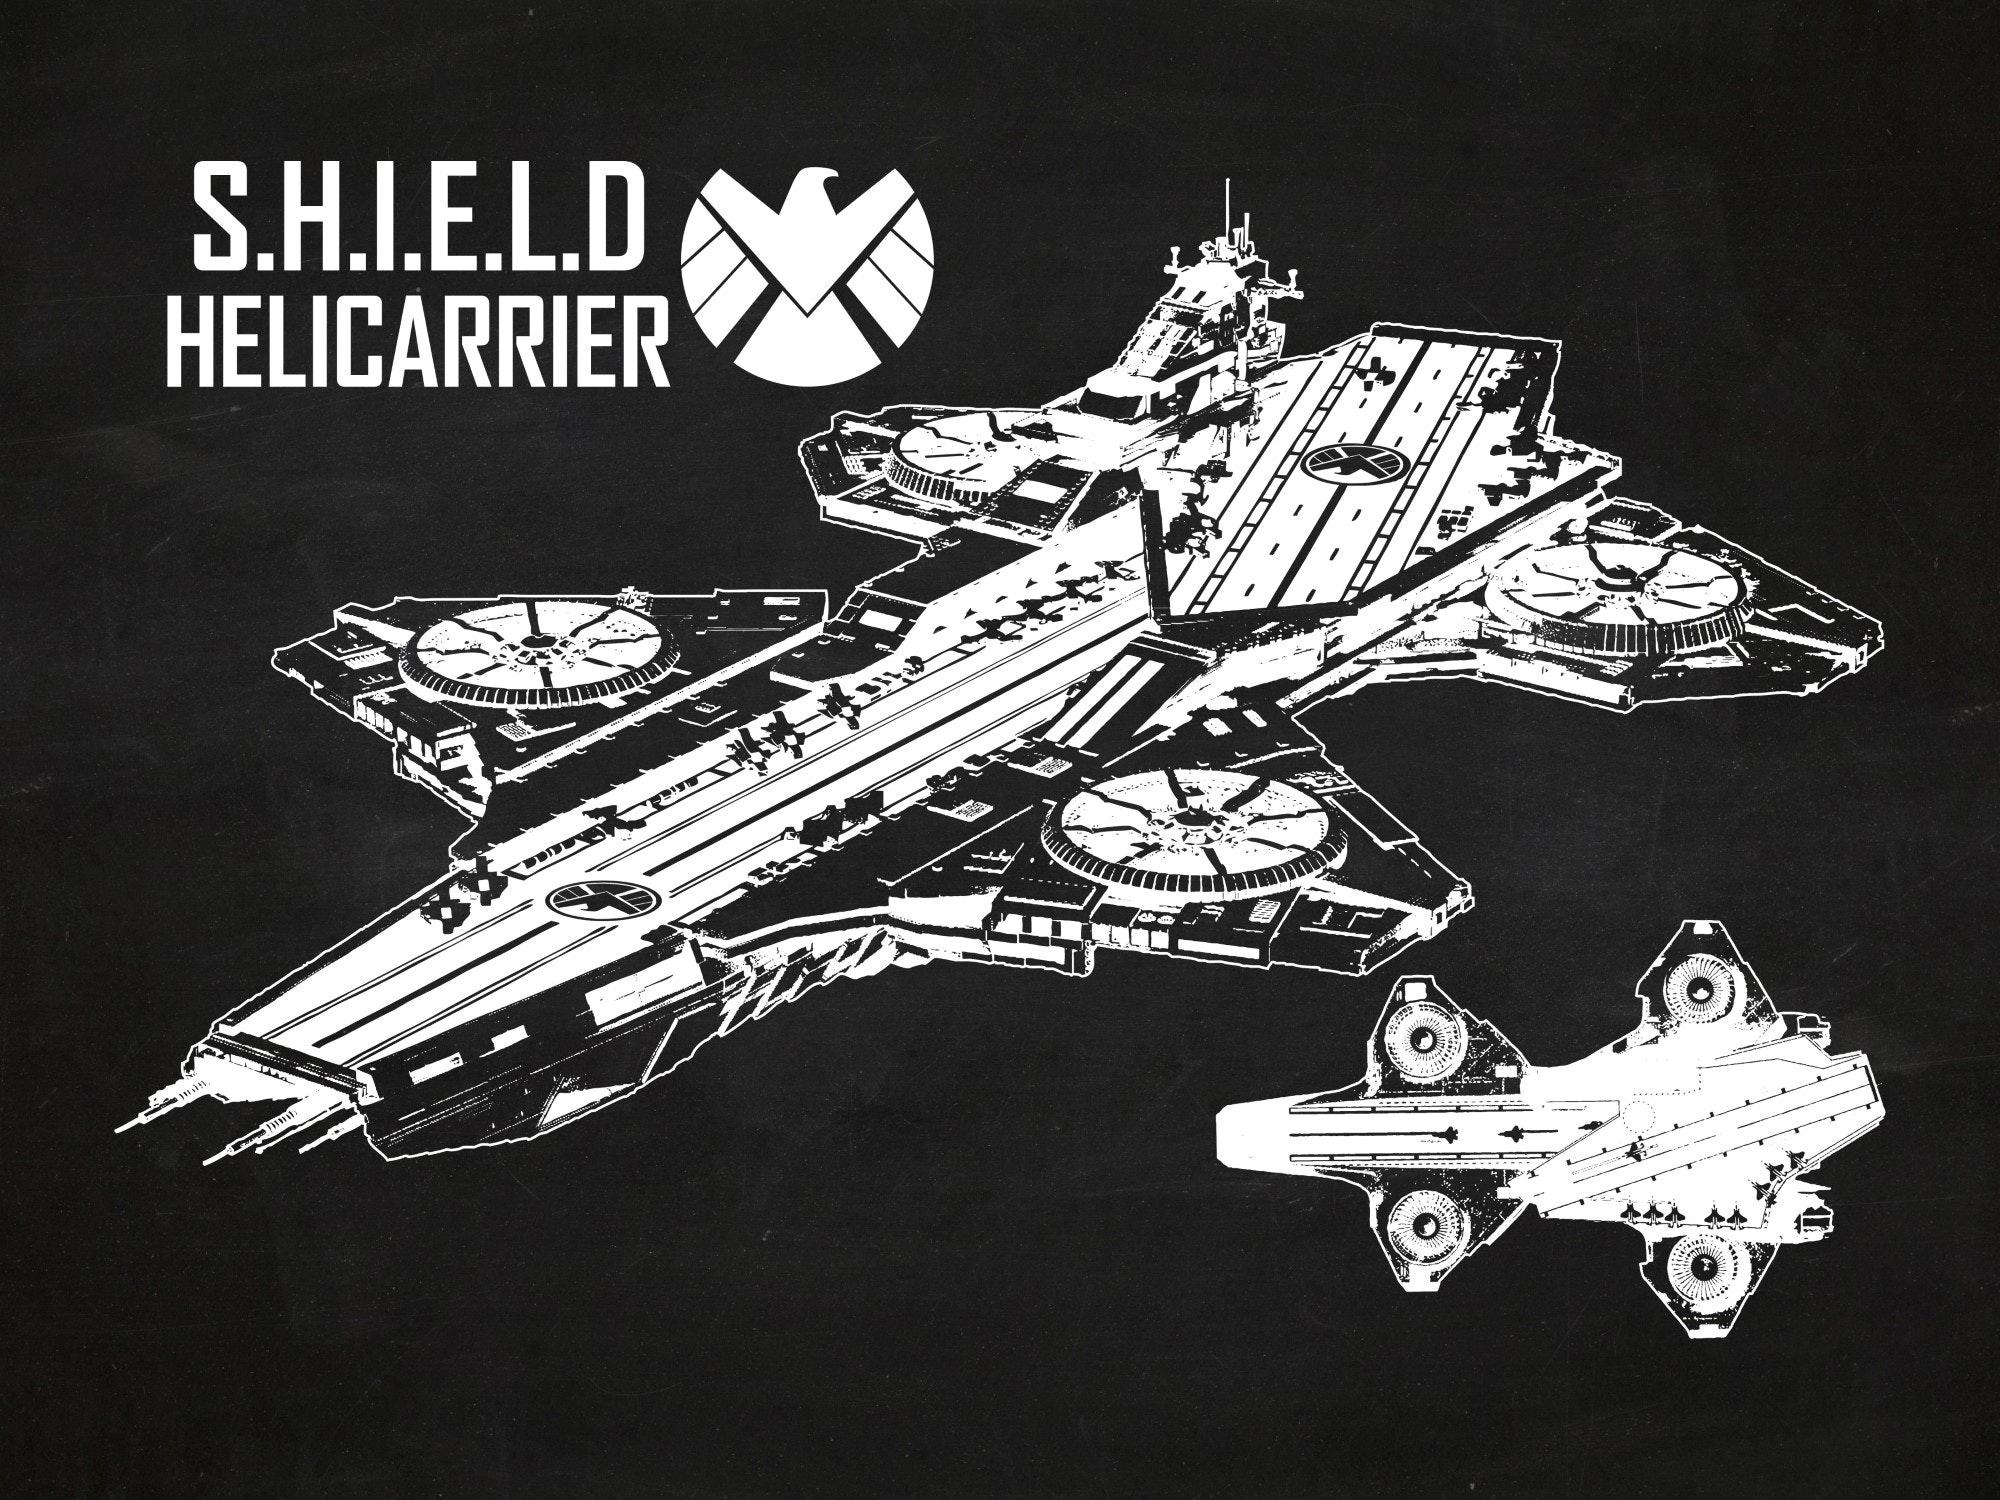 S.H.I.E.L.D. - Helicarrier